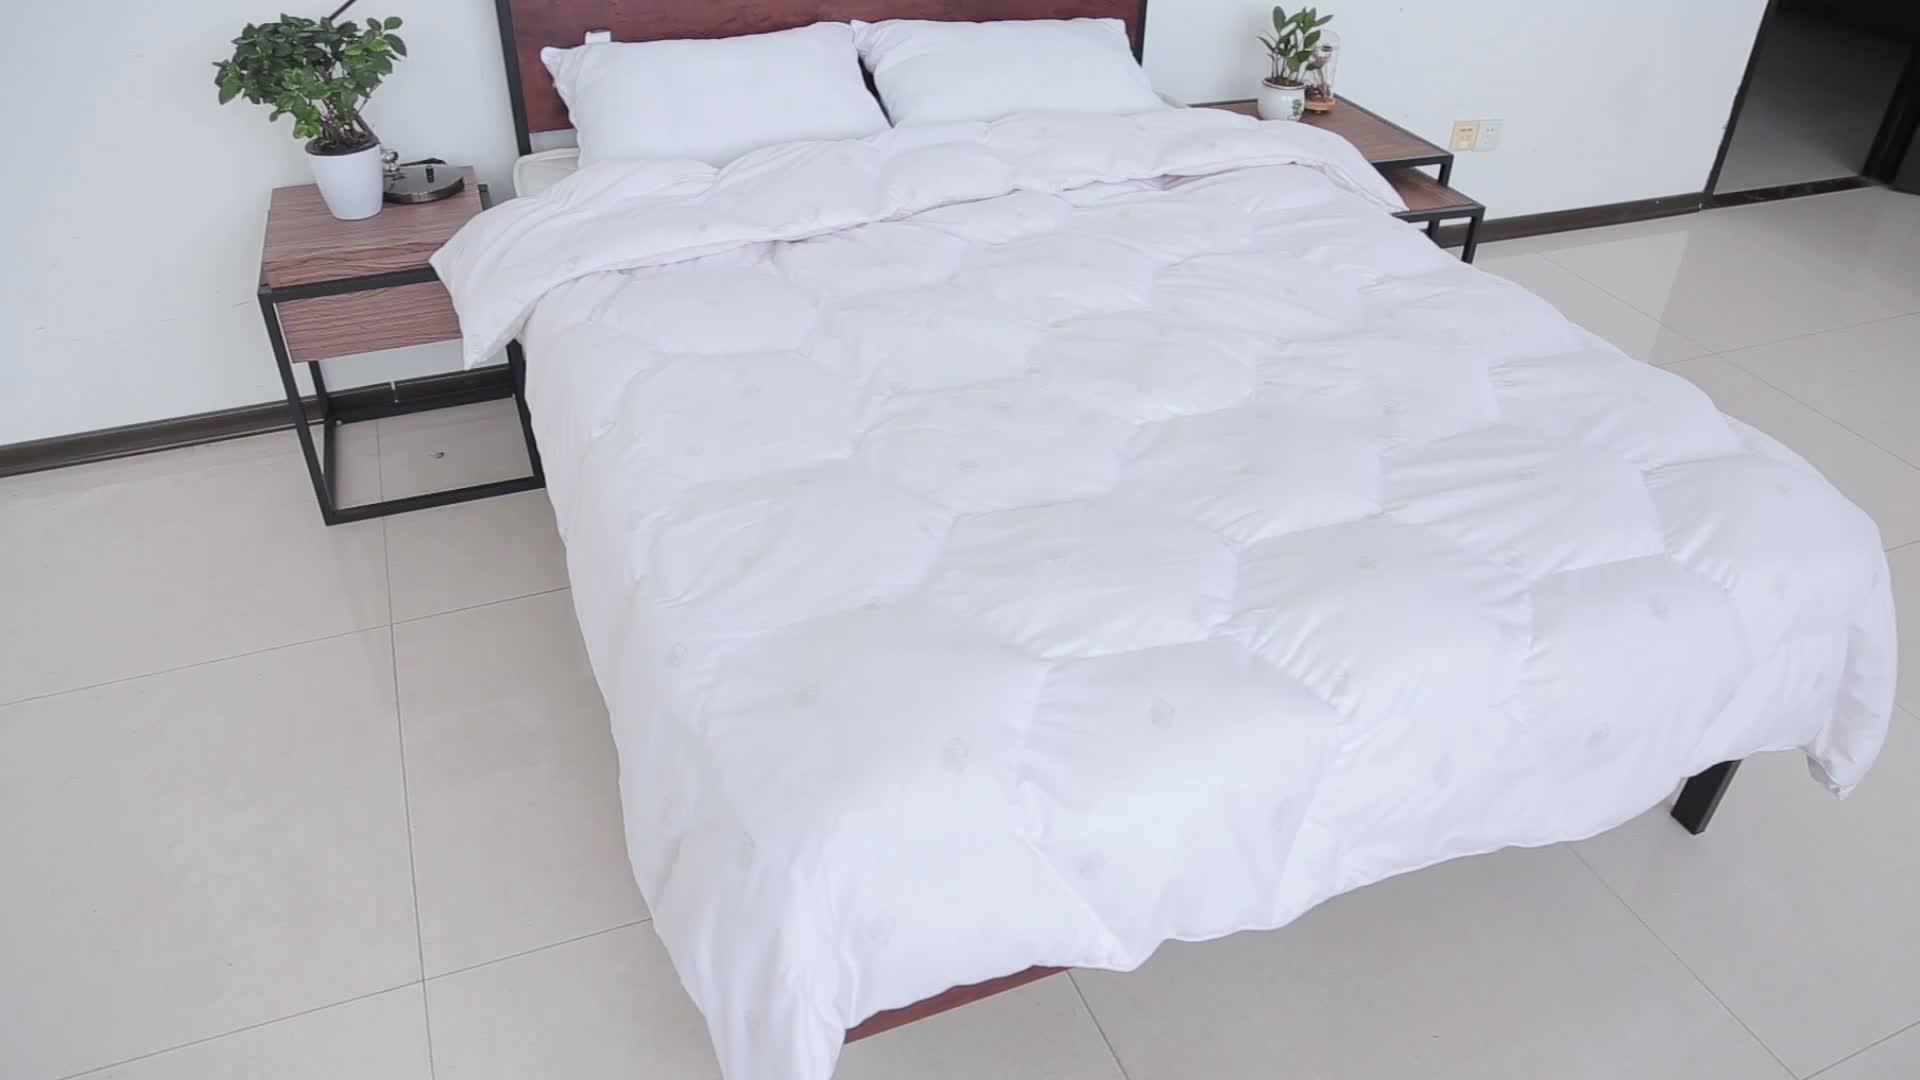 일반 가정용 가구 단단한 머리판 성인 튼튼한 판금 금속 프레임 나무 침대